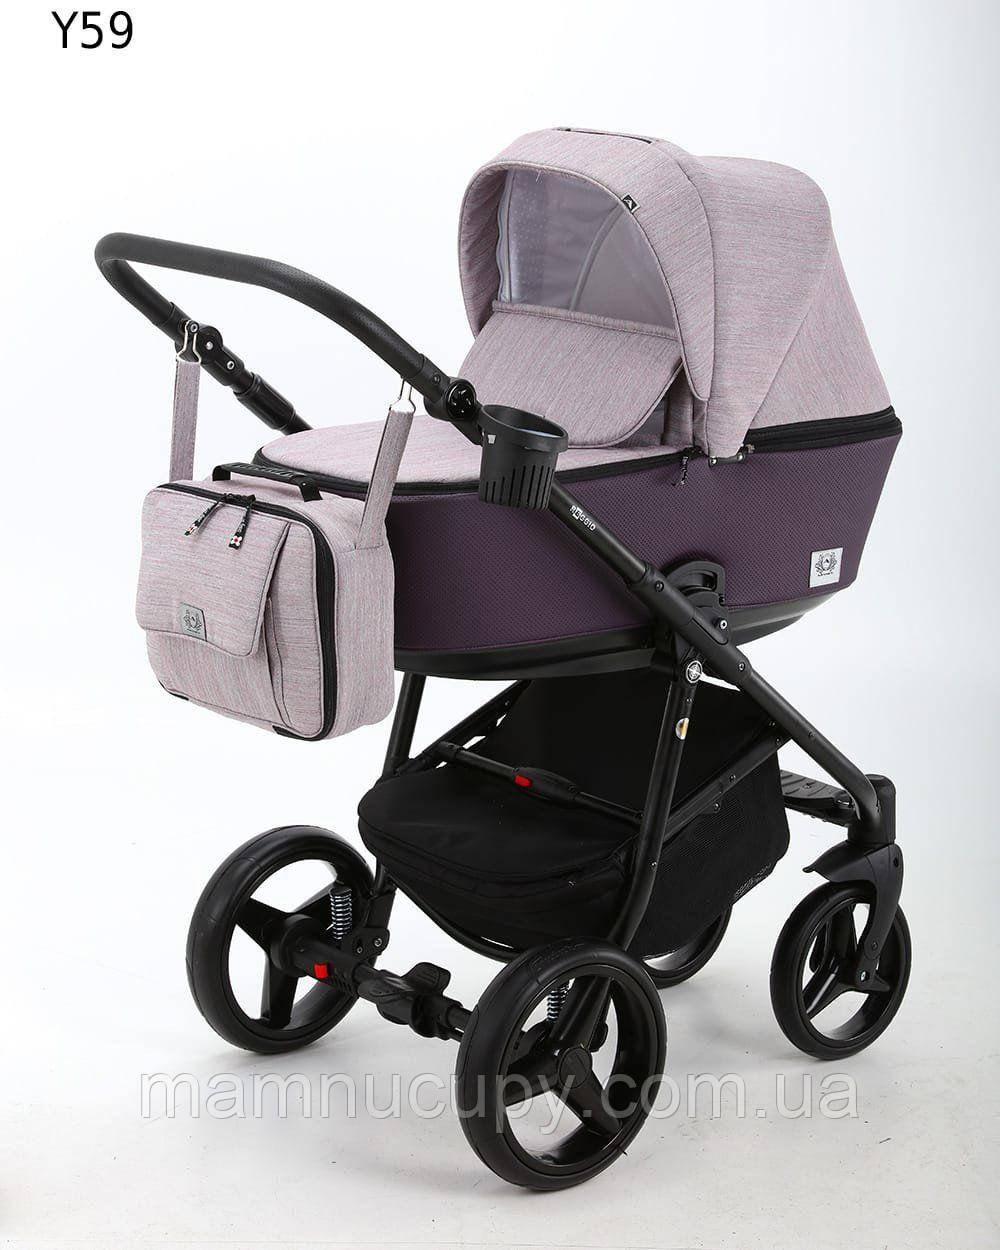 Детская универсальная коляска 2 в 1 Adamex Reggio Y59 (адамекс реджио)